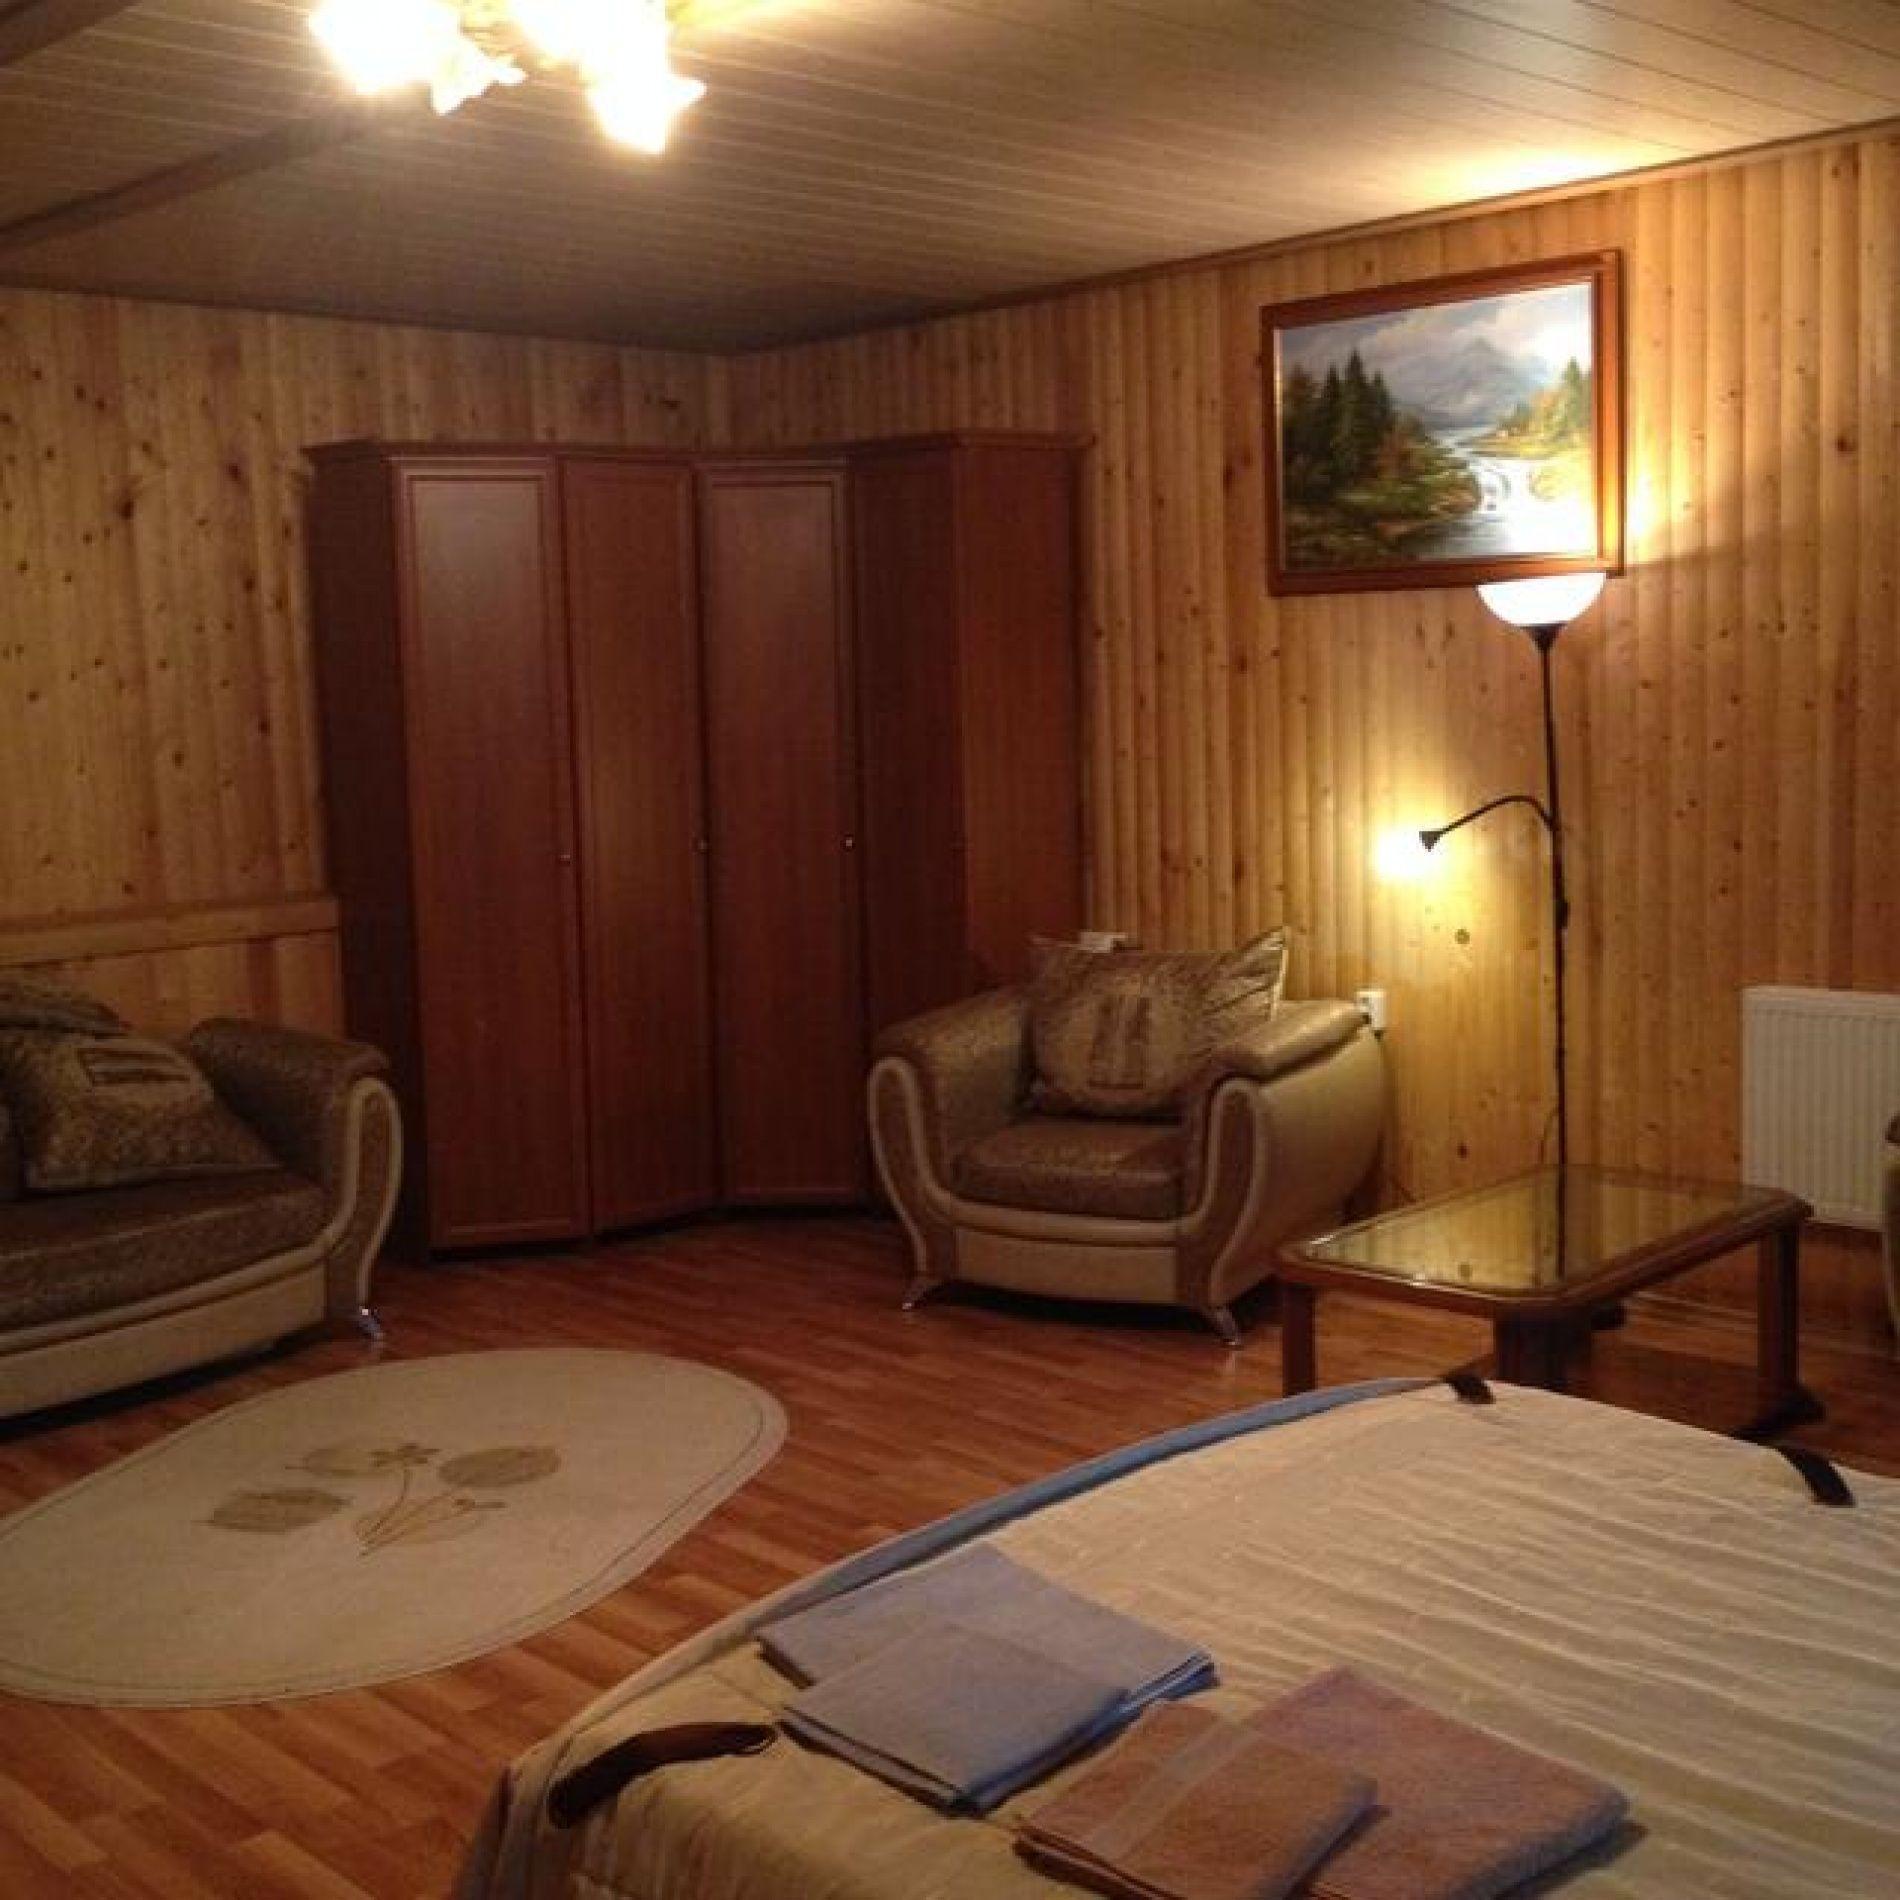 """Гостиница """"Гоначхир"""" Карачаево-Черкесская Республика Люкс 2-х комнатный, фото 2"""